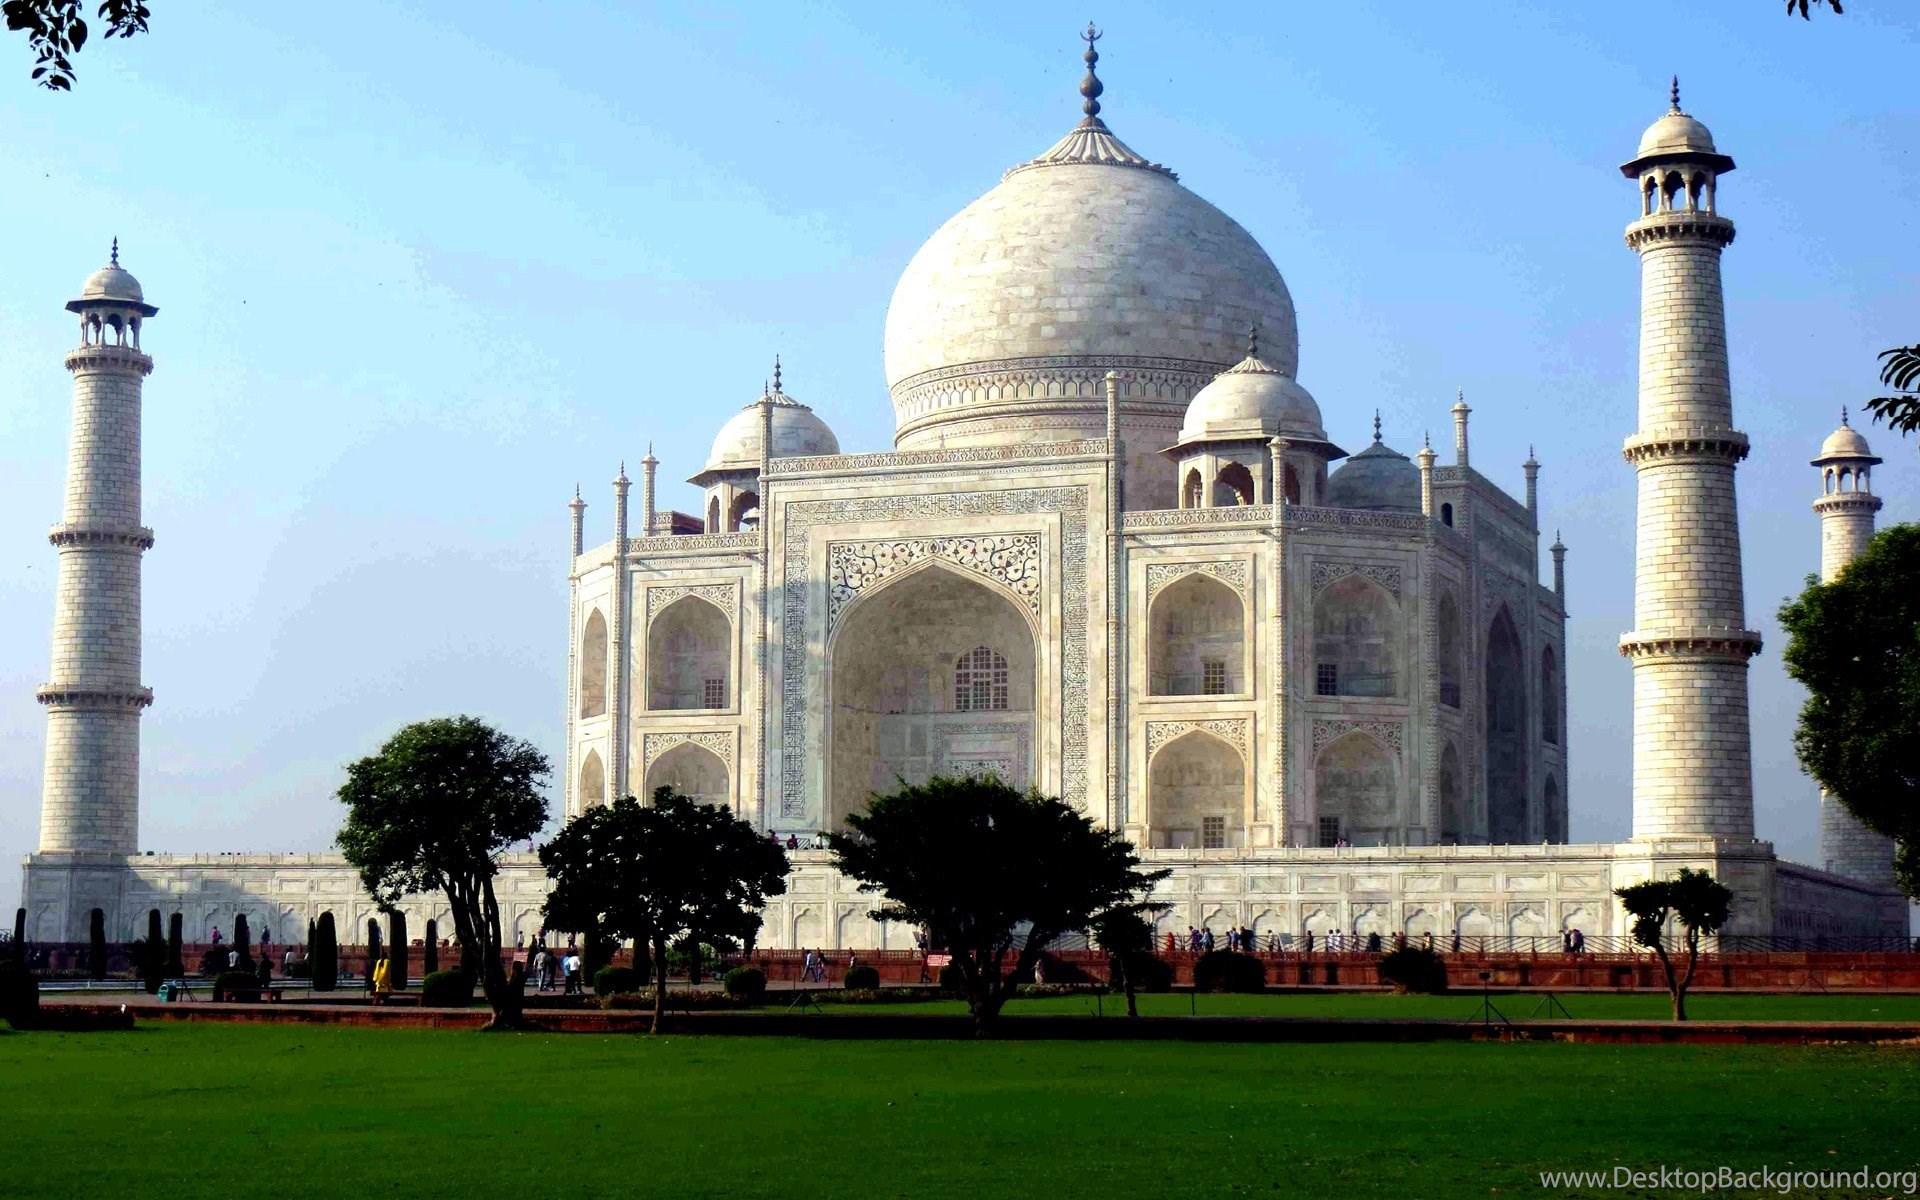 Latest Taj Mahal Images Hd For Mobile Phones Desktop